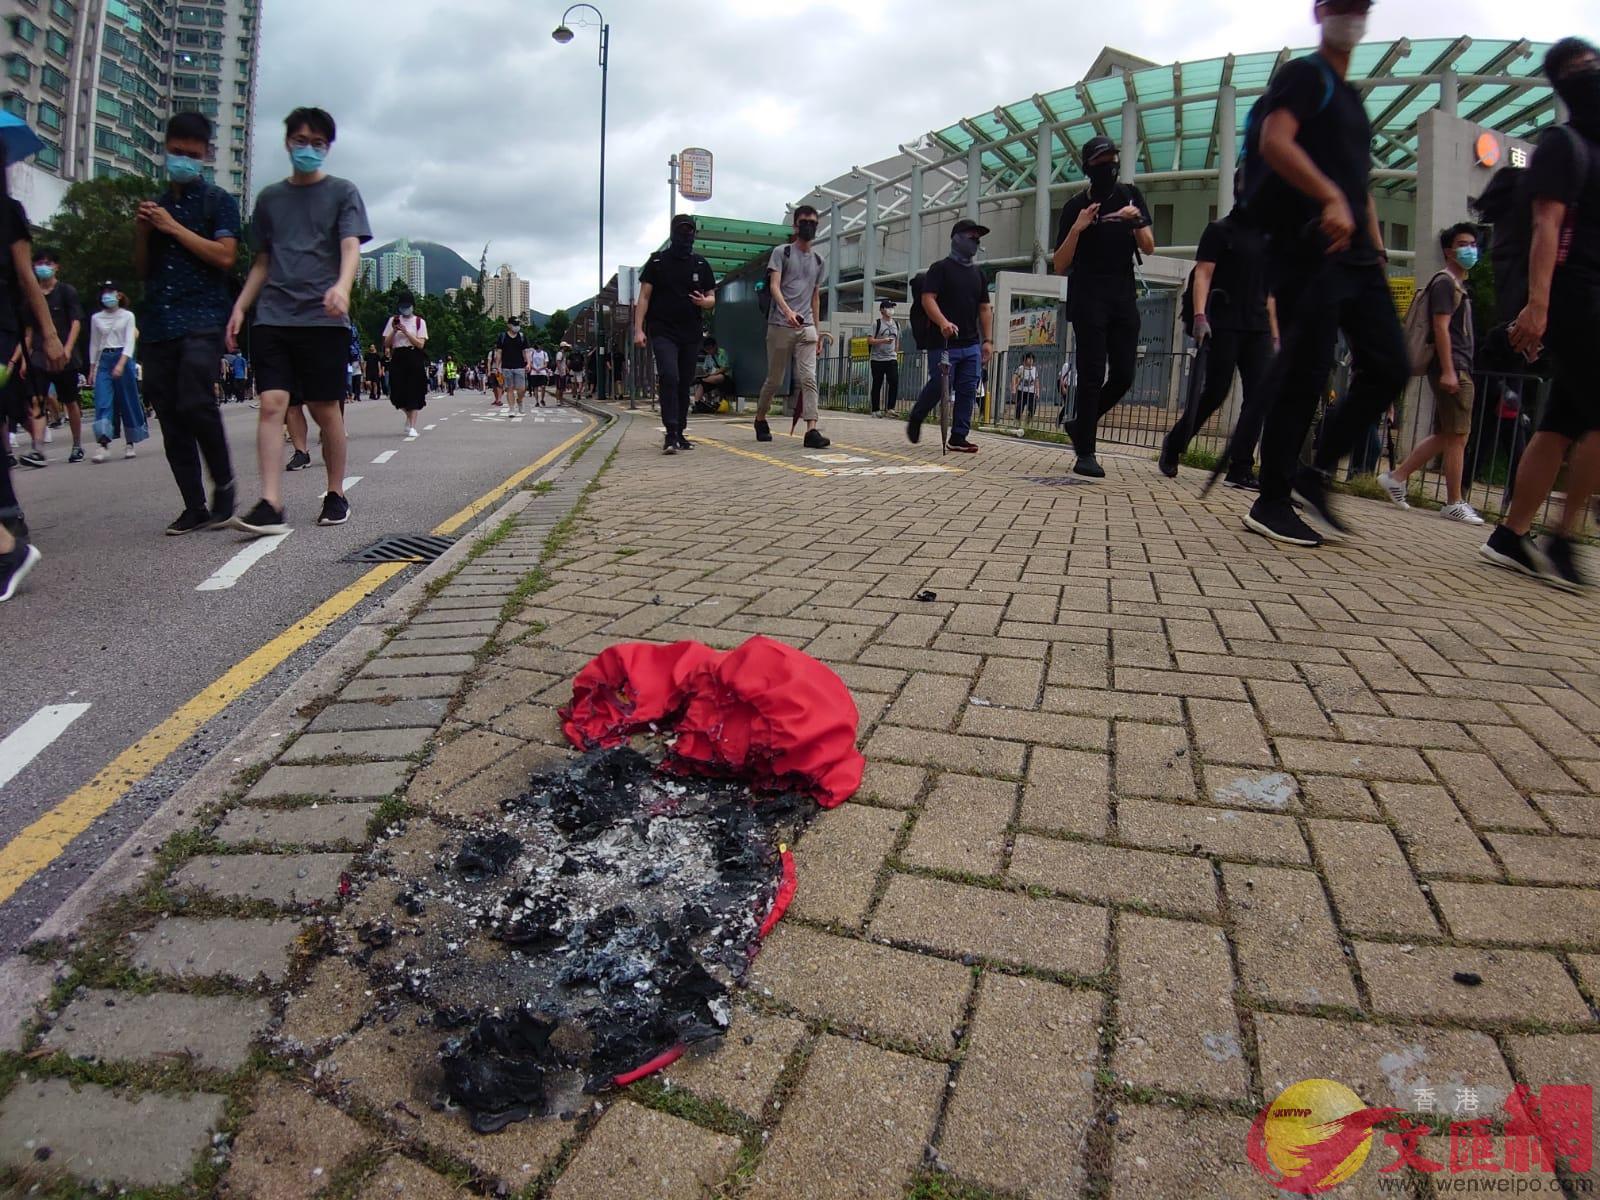 張建宗表示,燒毀國旗觸碰「一國兩制」底線,絕不能容忍。(大公報記者攝)